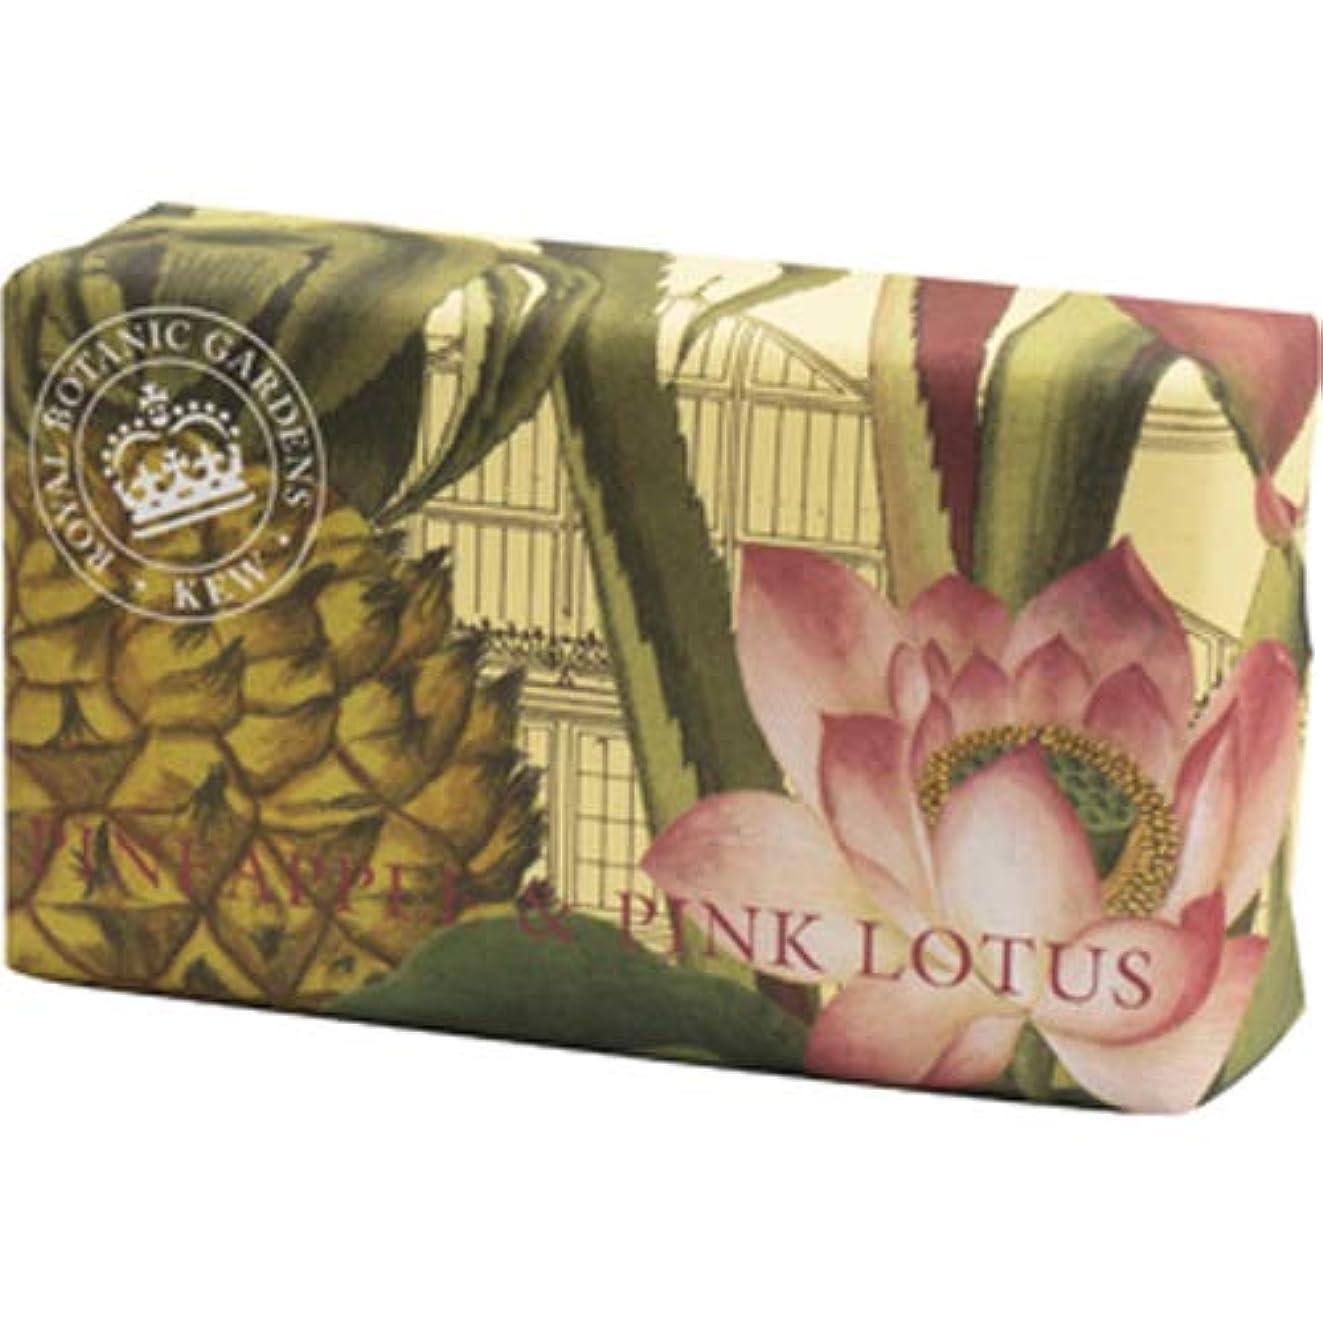 段階責考古学者English Soap Company イングリッシュソープカンパニー KEW GARDEN キュー?ガーデン Luxury Shea Soaps シアソープ Pineapple & Pink Lotus パイナップル...